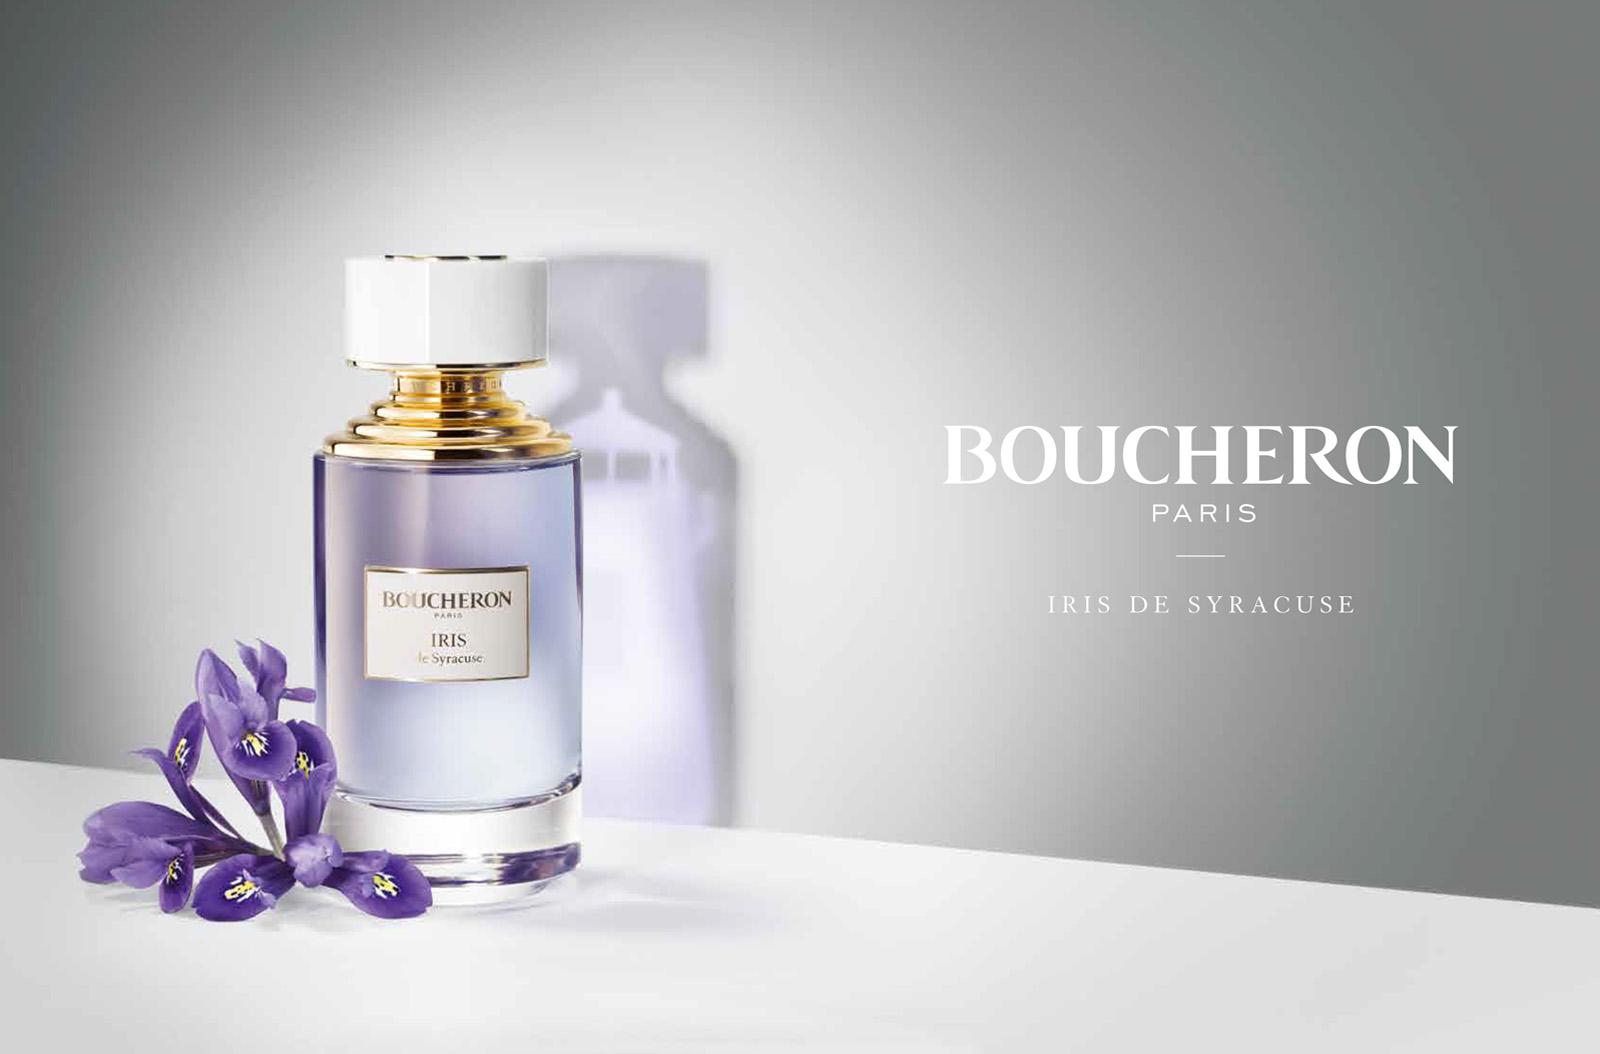 iris de syracuse boucheron parfum un nouveau parfum pour homme et femme 2017. Black Bedroom Furniture Sets. Home Design Ideas